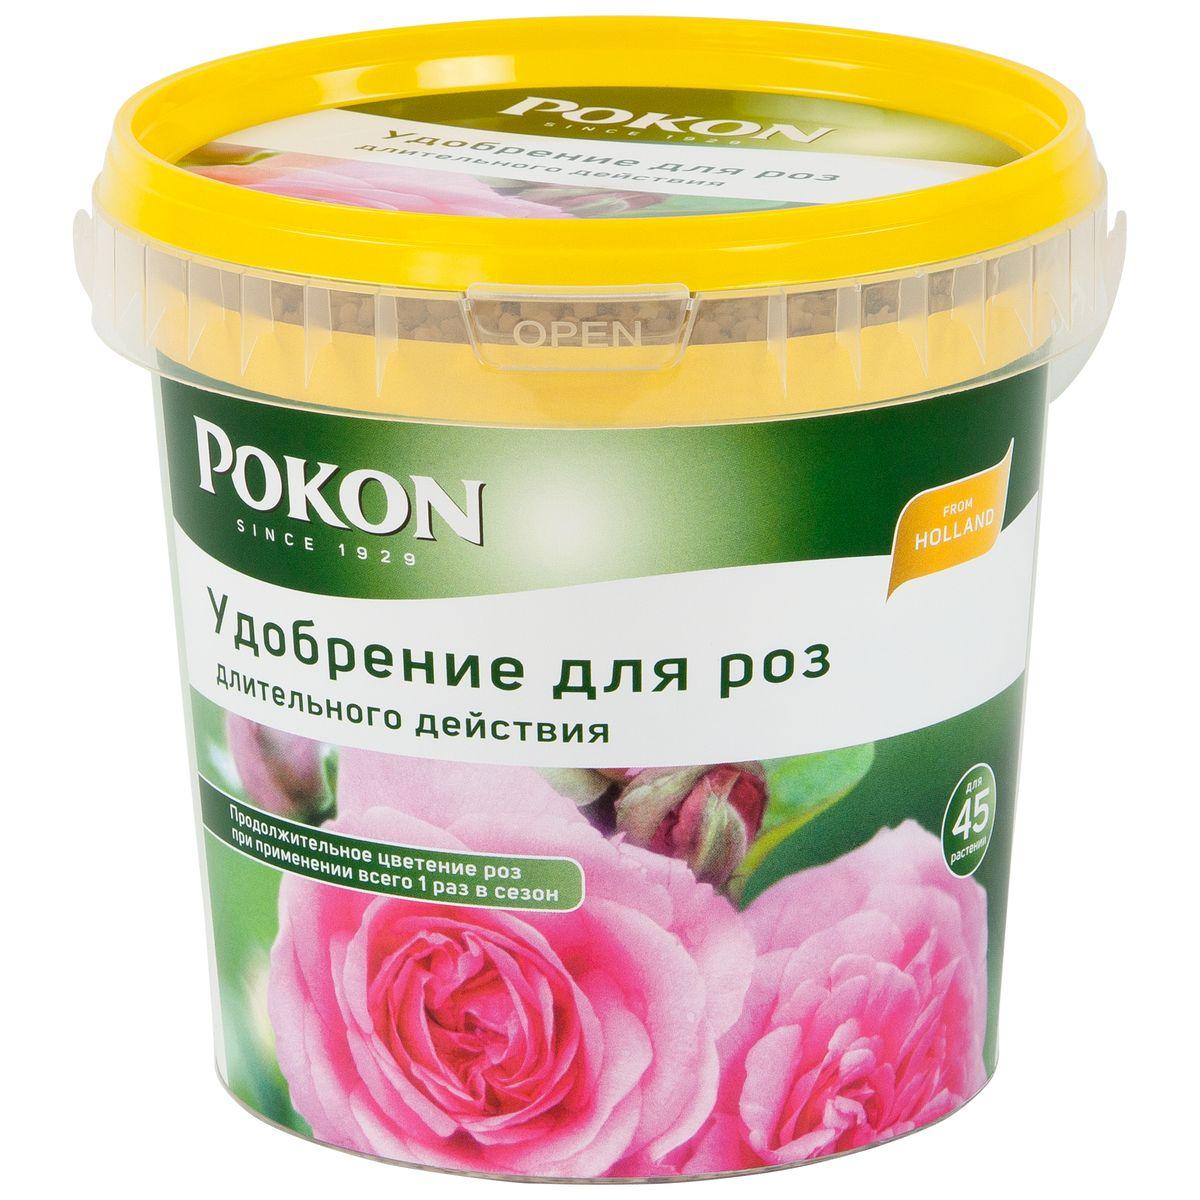 Удобрение Pokon для роз длительного действия, 900 г